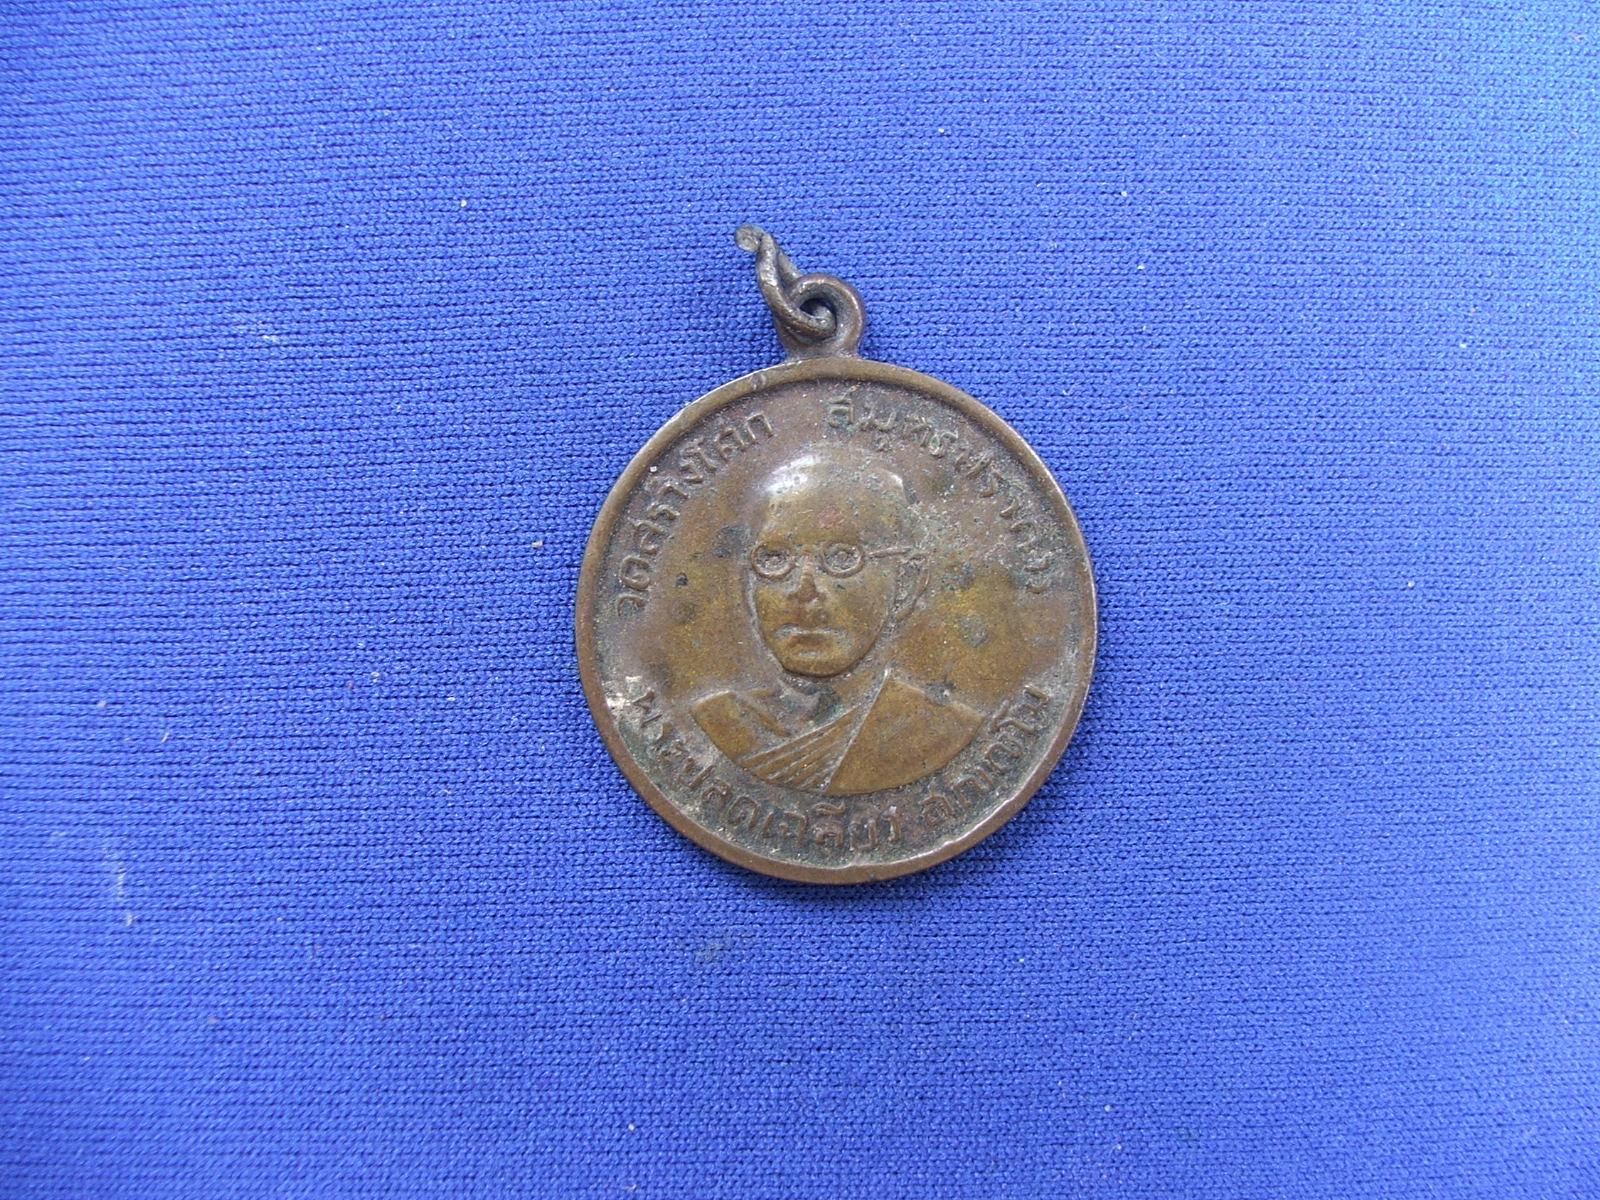 เหรียญพระปลัดเฉลียว สัญญโม วัดสร่างโศก จ.สมุทรปราการ ฉลองสมณศักดิ์ ปี 2508